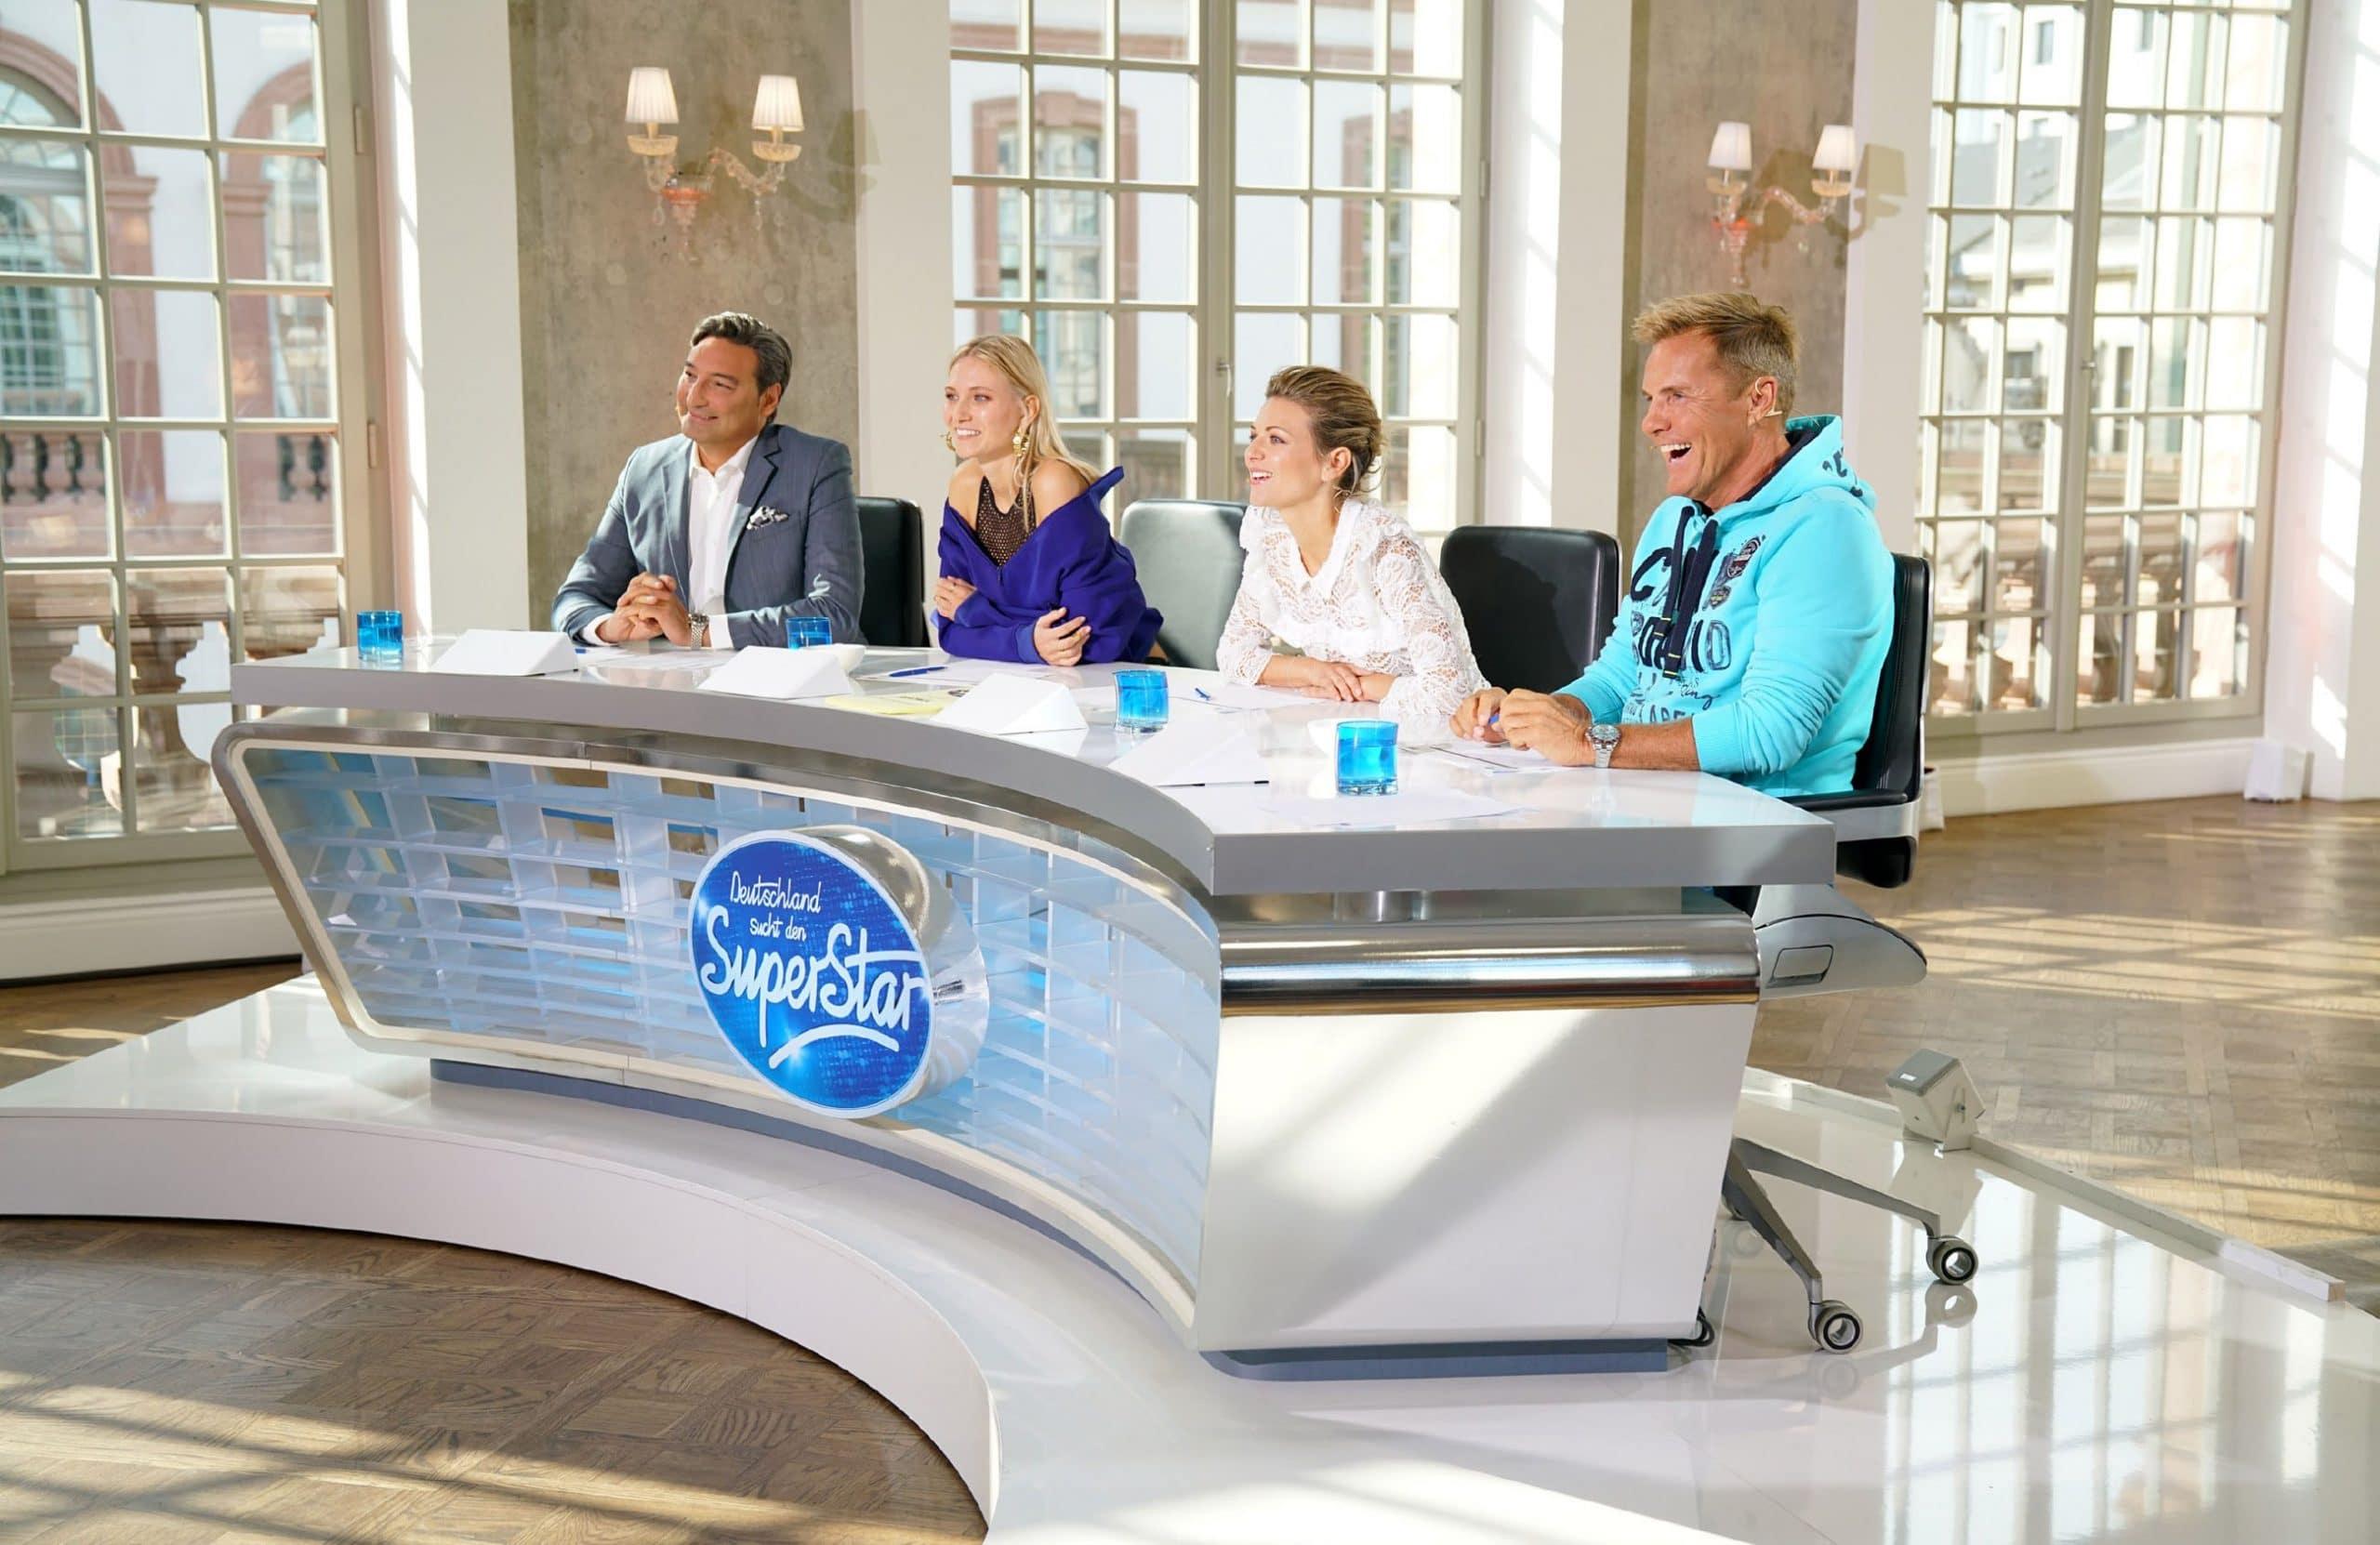 Die Jury (v.l.): Mousse T., Carolin Niemczyk, Ella Endlich, Dieter Bohlen - Deutschland sucht den Superstar